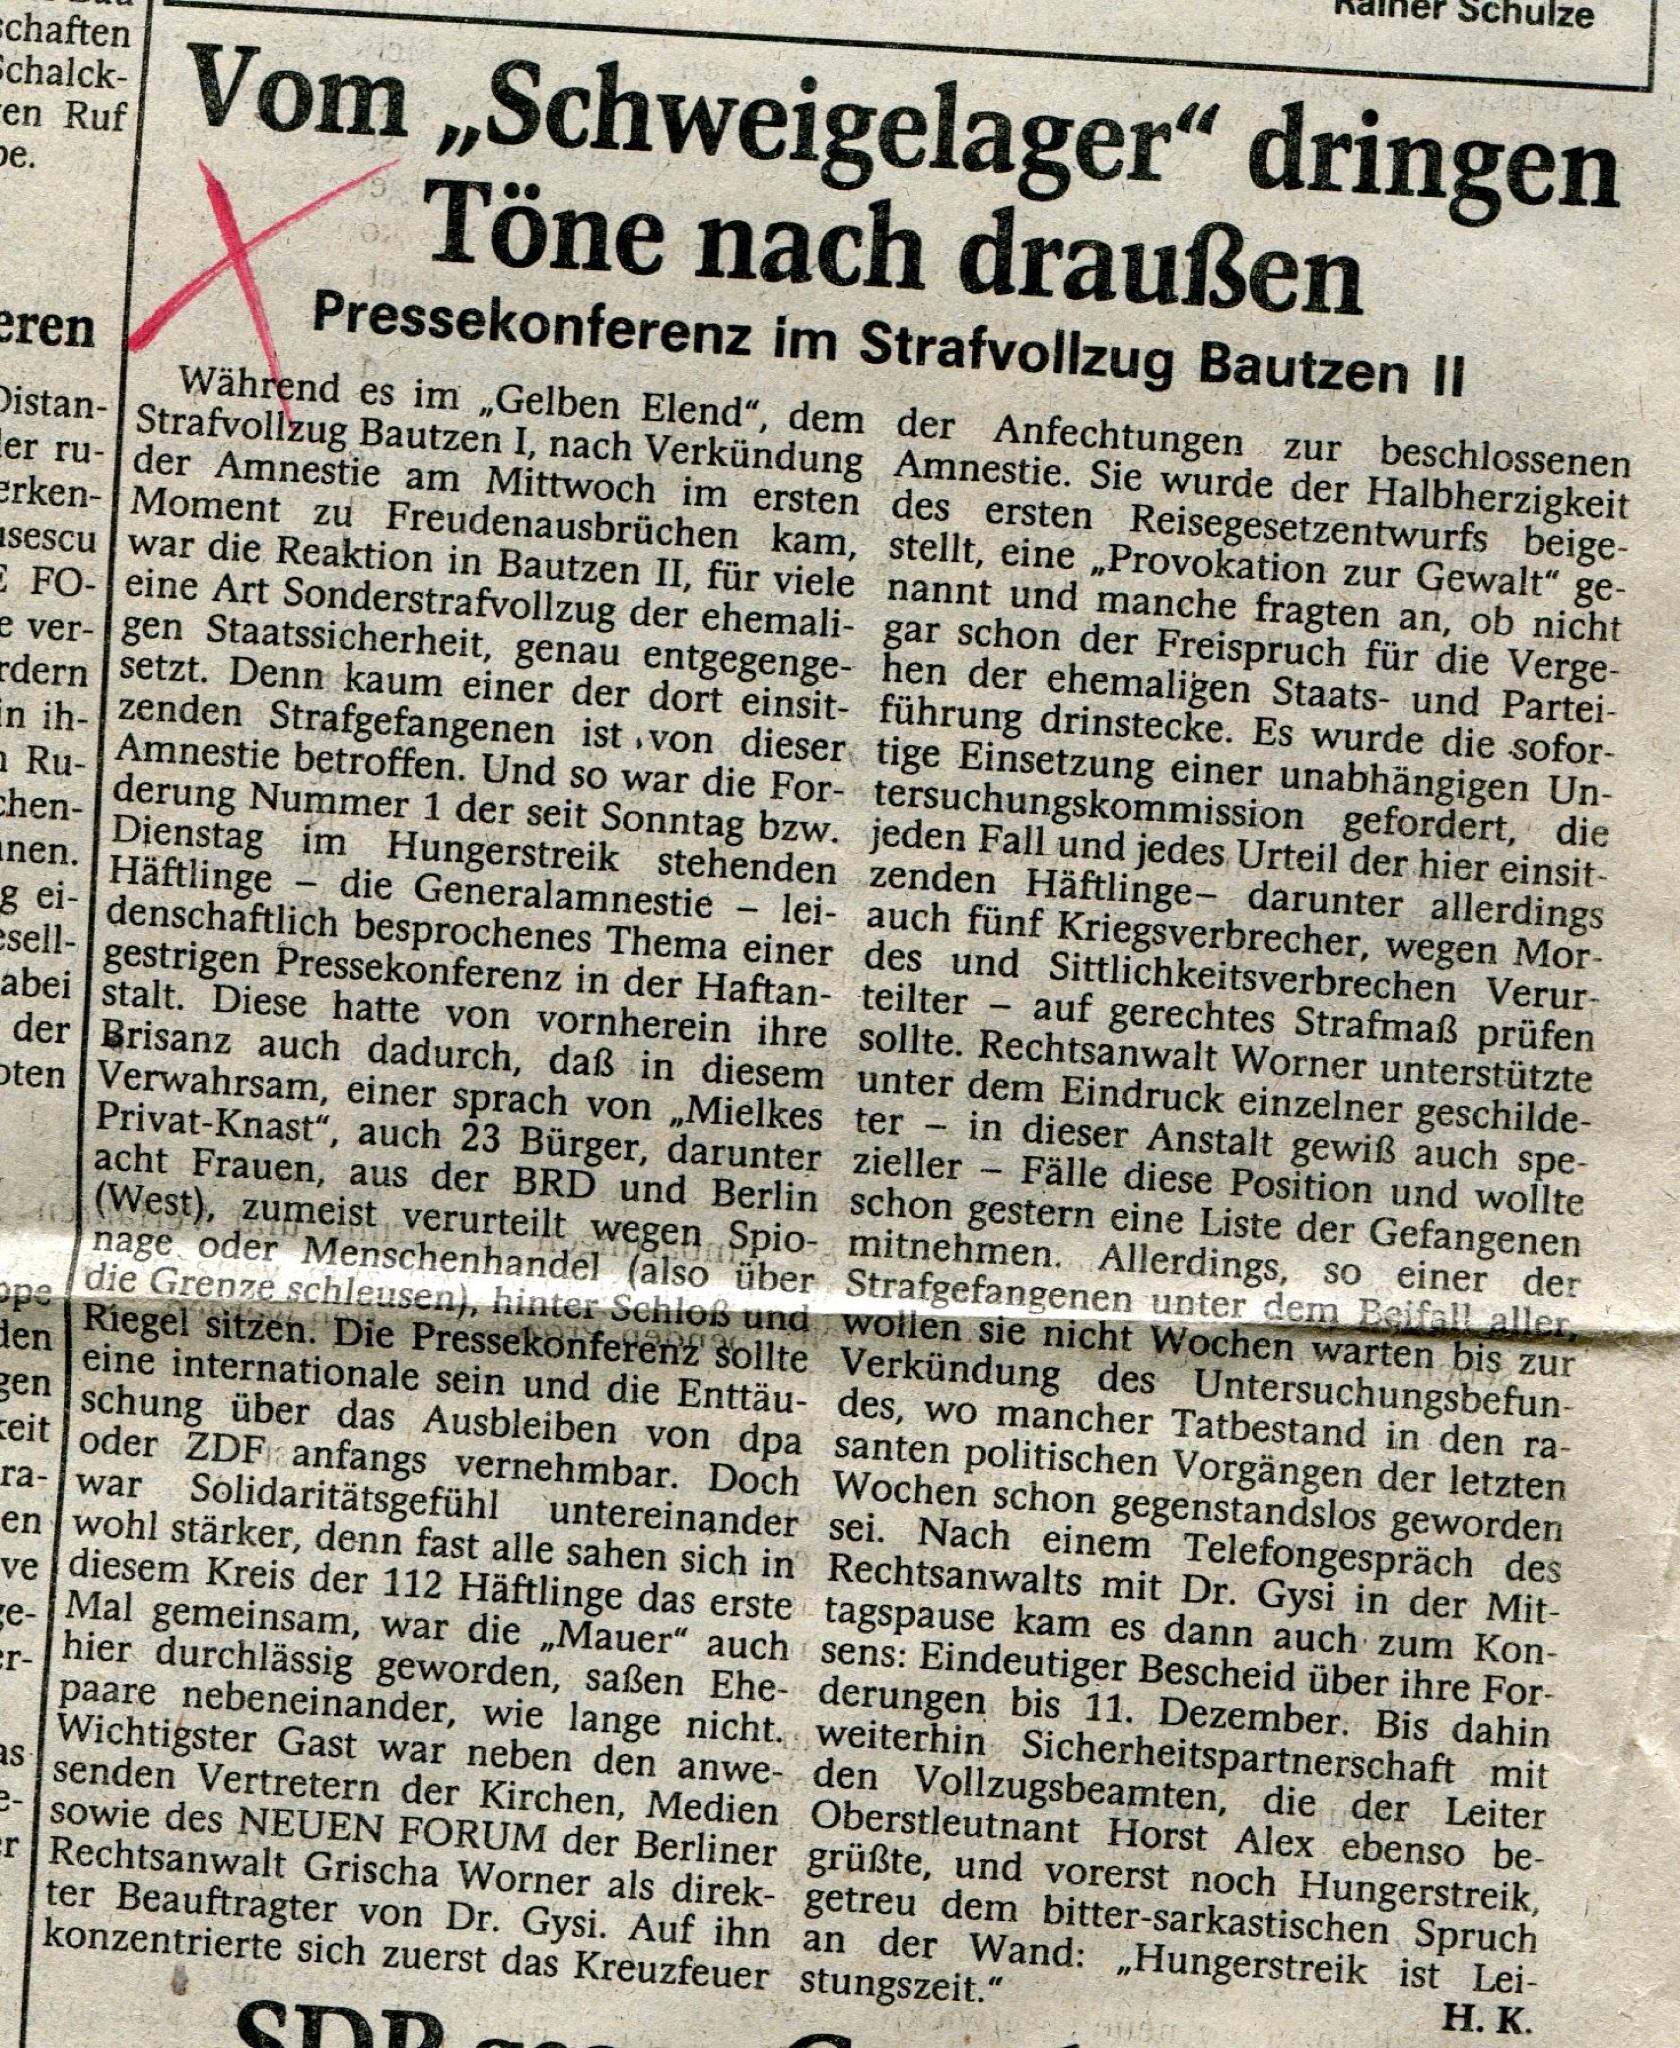 Die Sächsische Zeitung berichtet